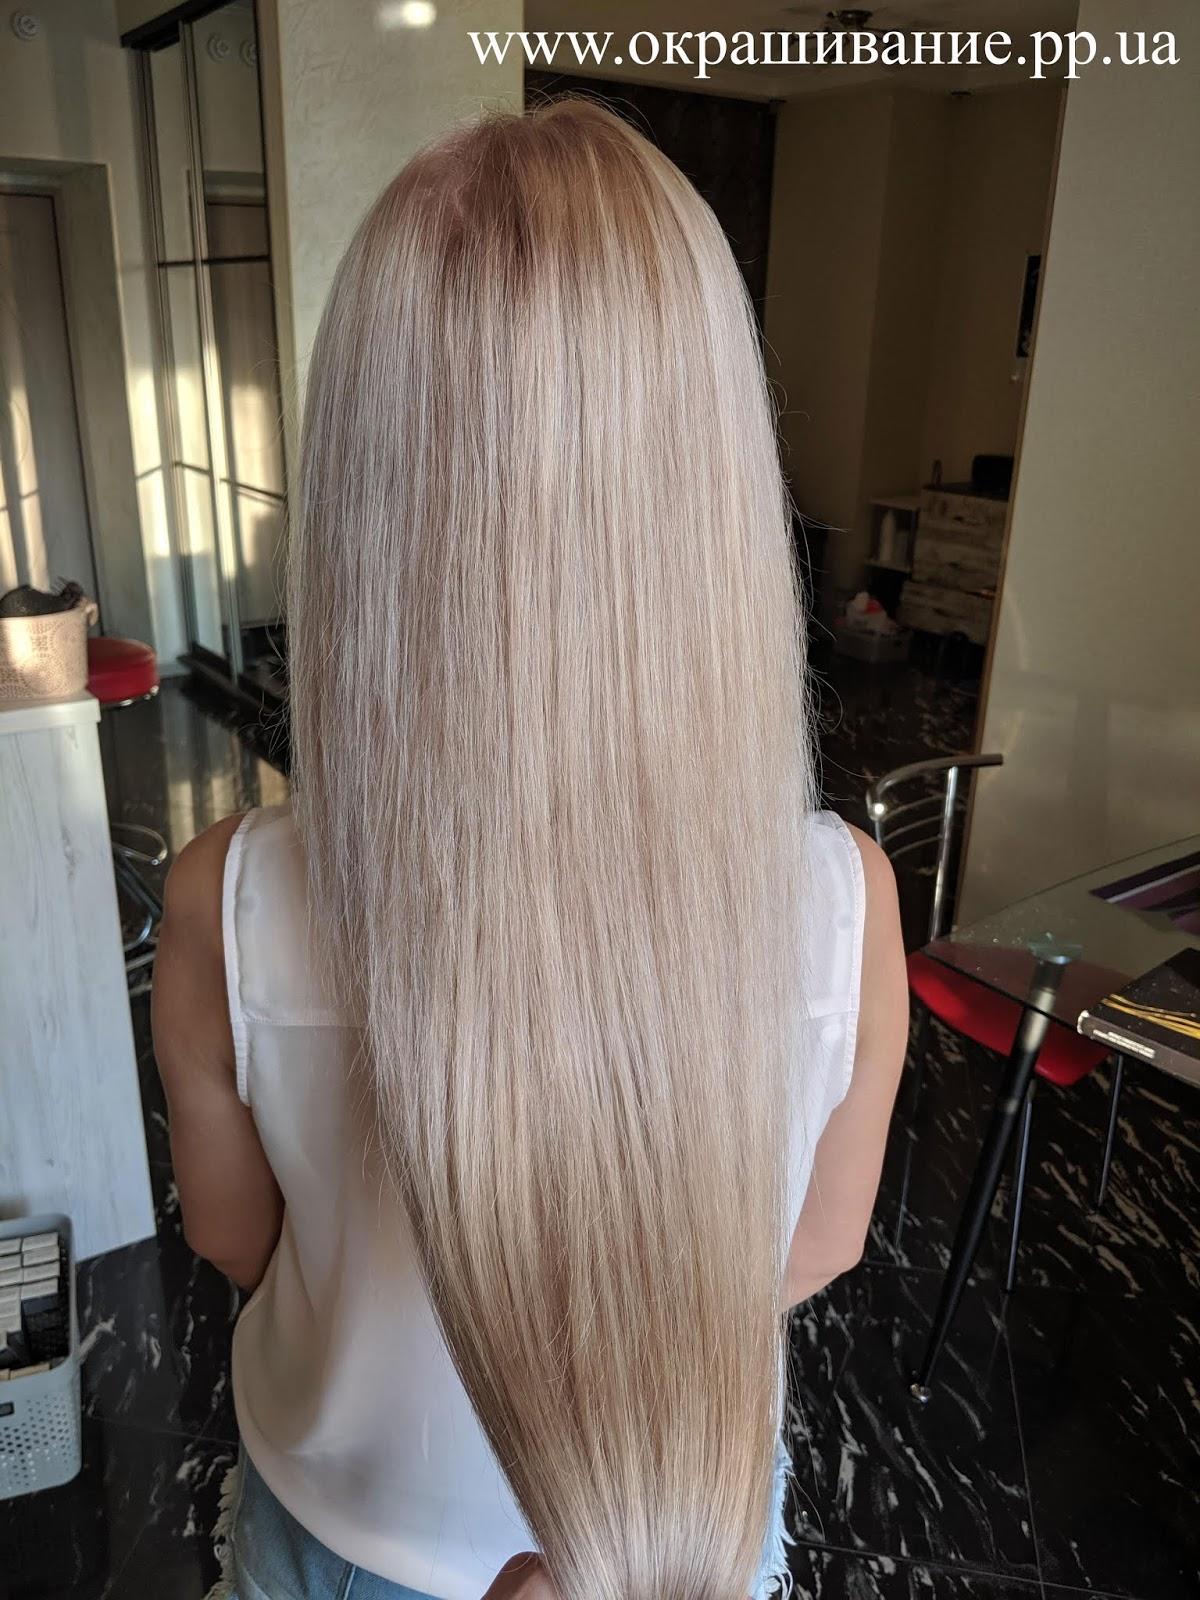 Окрашивание нарощенных волос